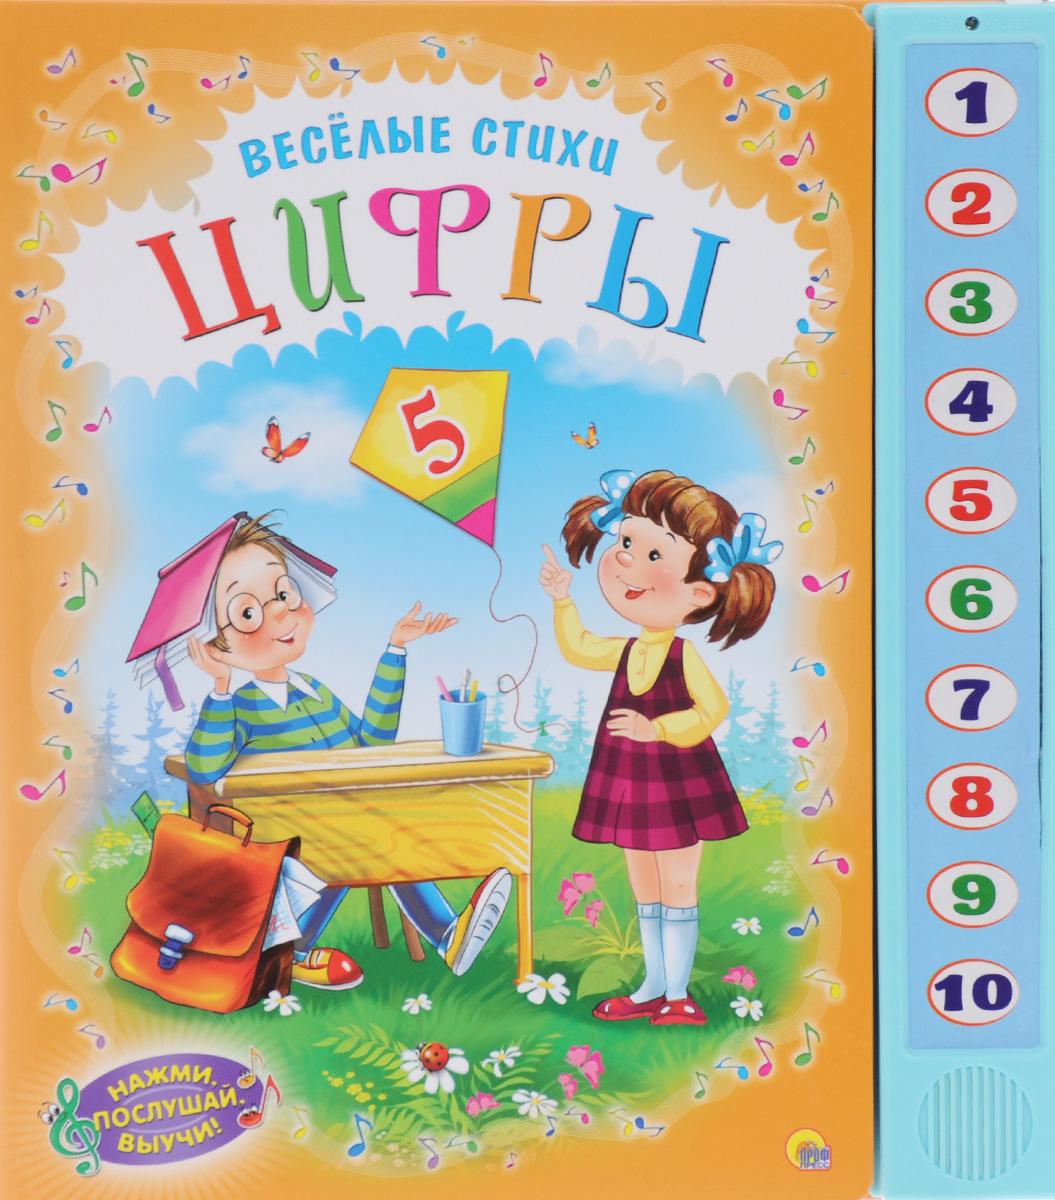 Цифры. Веселые стихи. Книжка-игрушка12296407Нажми, послушай, выучи! - замечательная серия книг для детишек всех возрастов. Открывая книгу, малыш погружается в чудесный мир красочных картинок и веселых стихов. А как же интересно не только читать стихи, но и слушать их! Нажав нужную кнопочку, это легко можно сделать! Книжка сама рассказывает стишок или загадывает загадку, а малыш при этом учит цифры! В этой книге также есть задания, с помощью которых ребенок узнает, как надо писать цифры, и сможет сам это сделать. Для чтения родителями детям. Исполнение и музыкальное оформление Евгения Овчинникова.